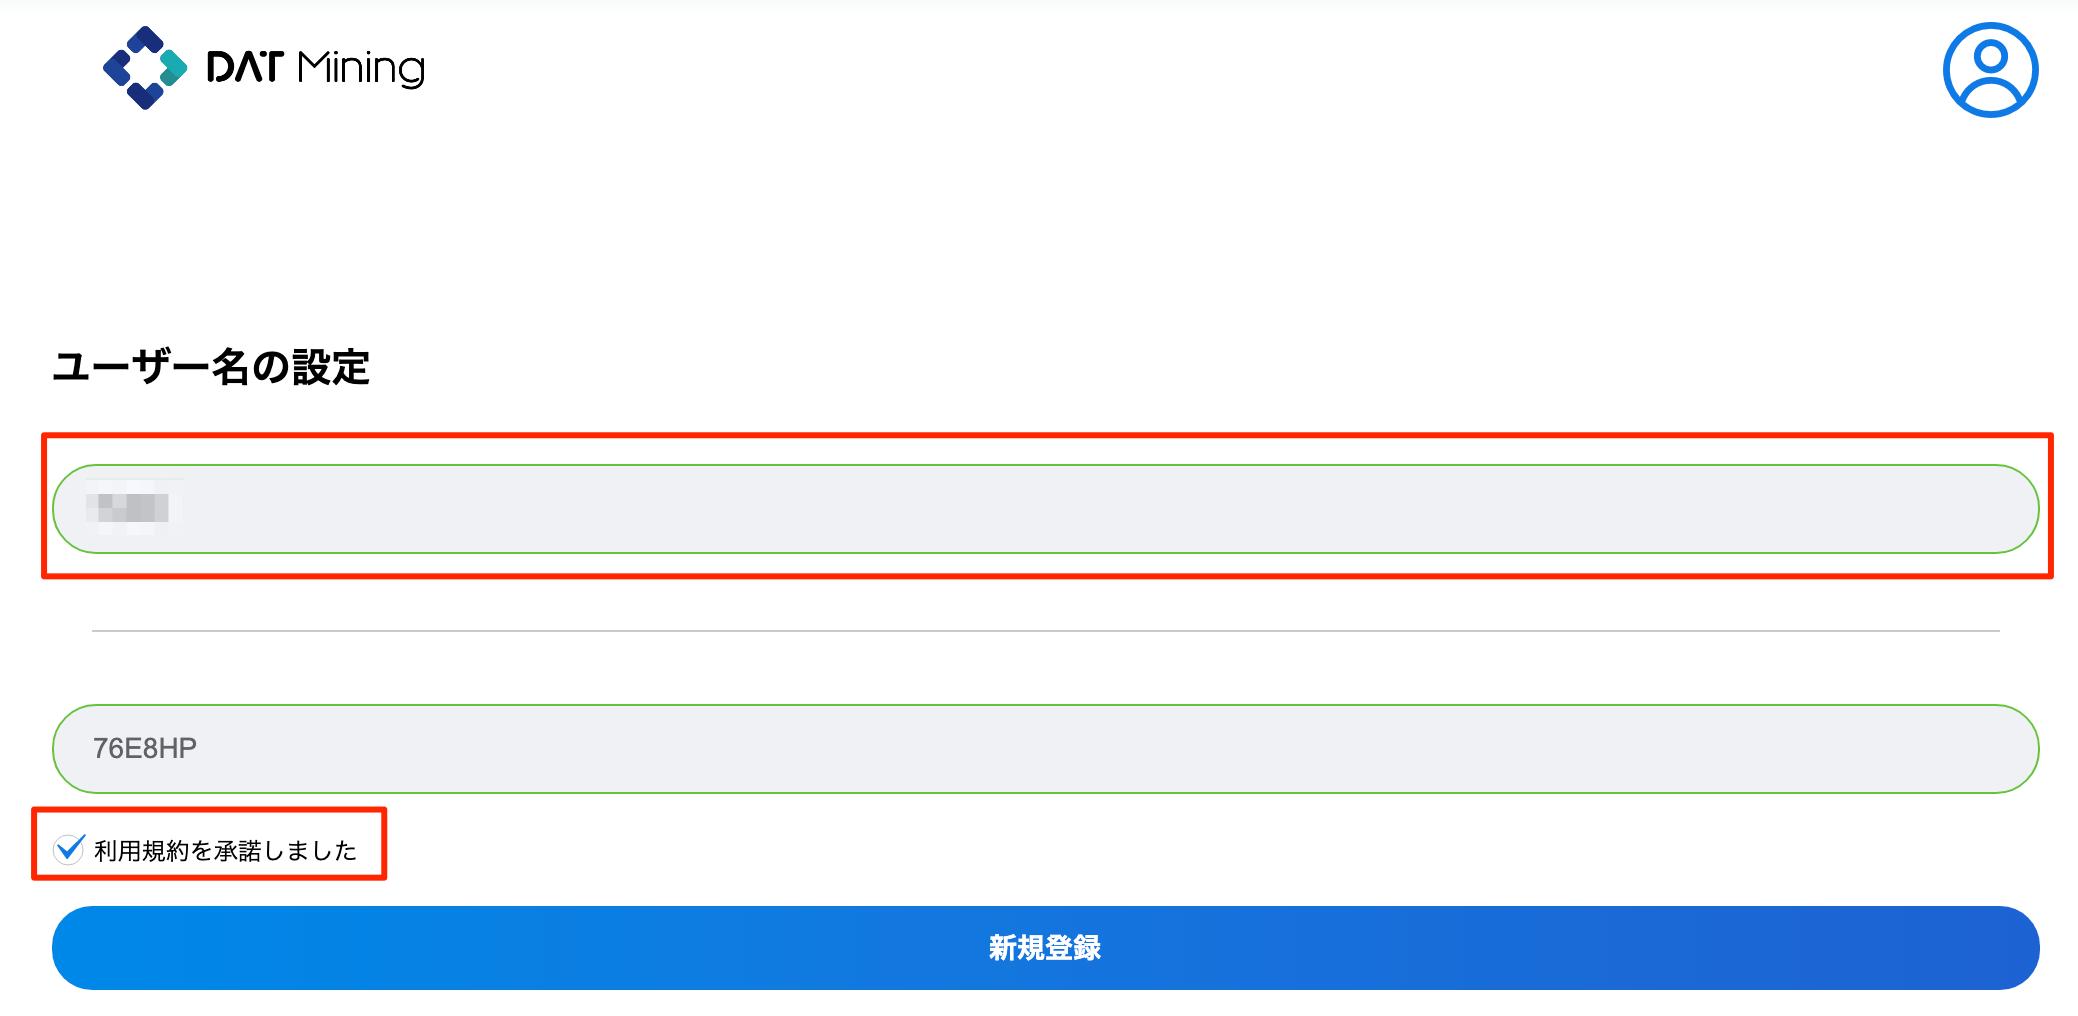 datmining登録手順4